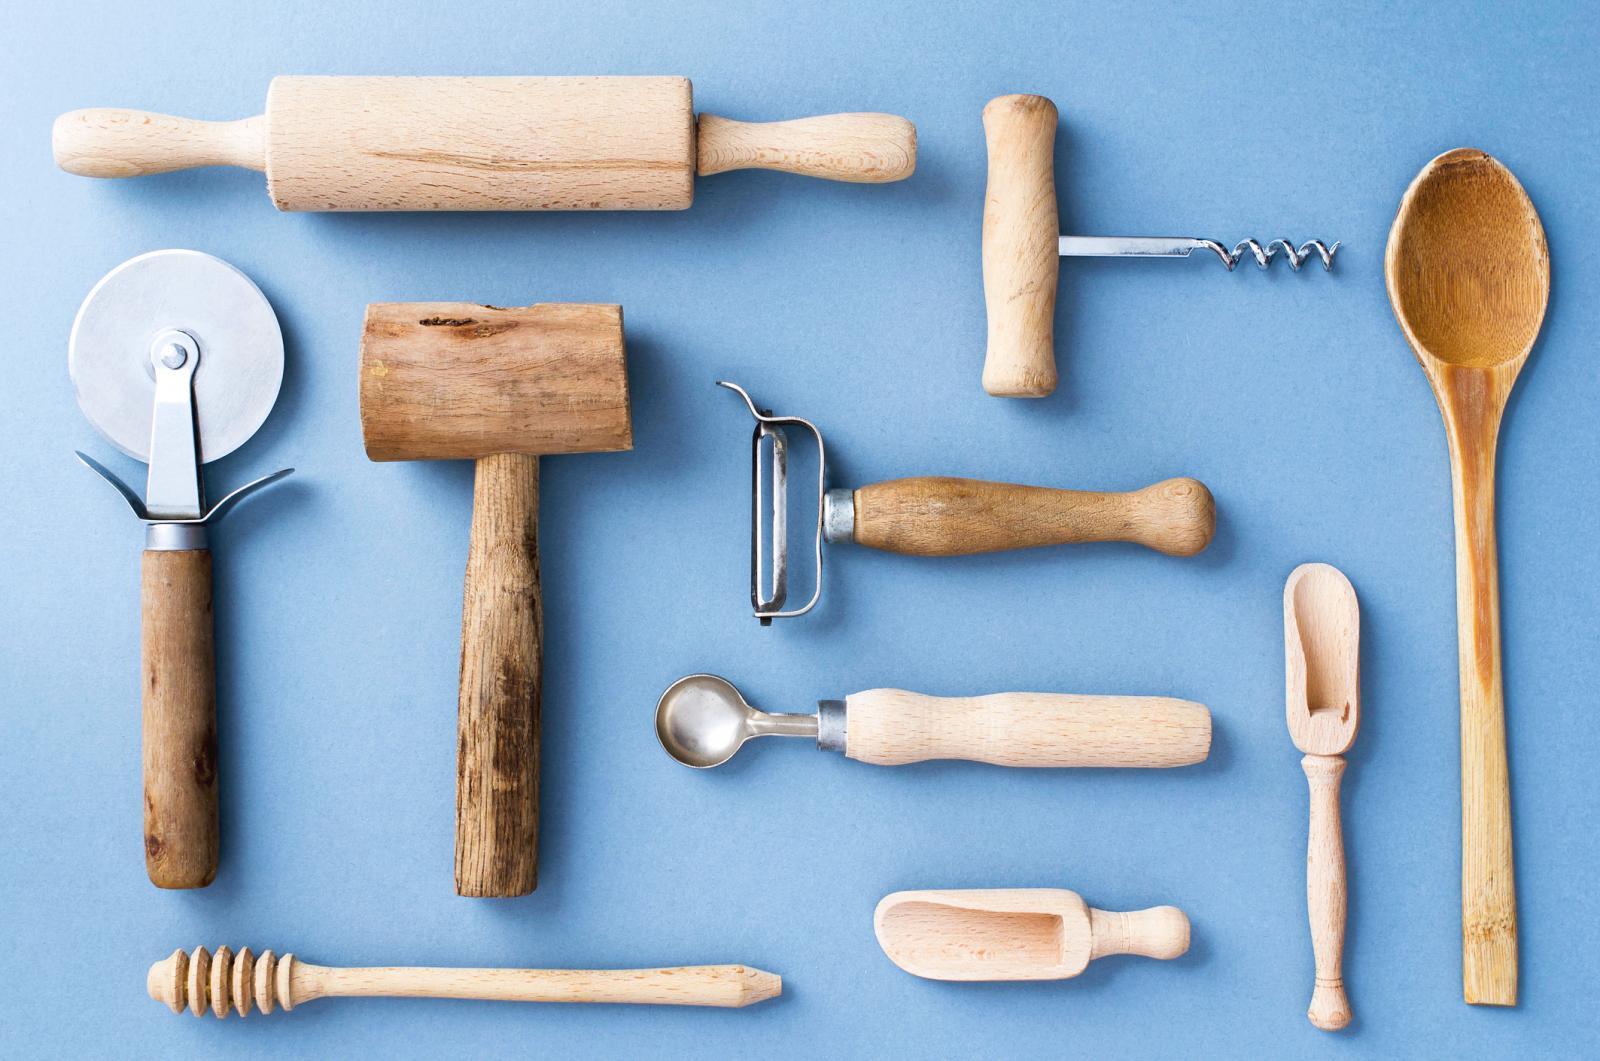 Wooden Kitchen Utensils On Blue Background